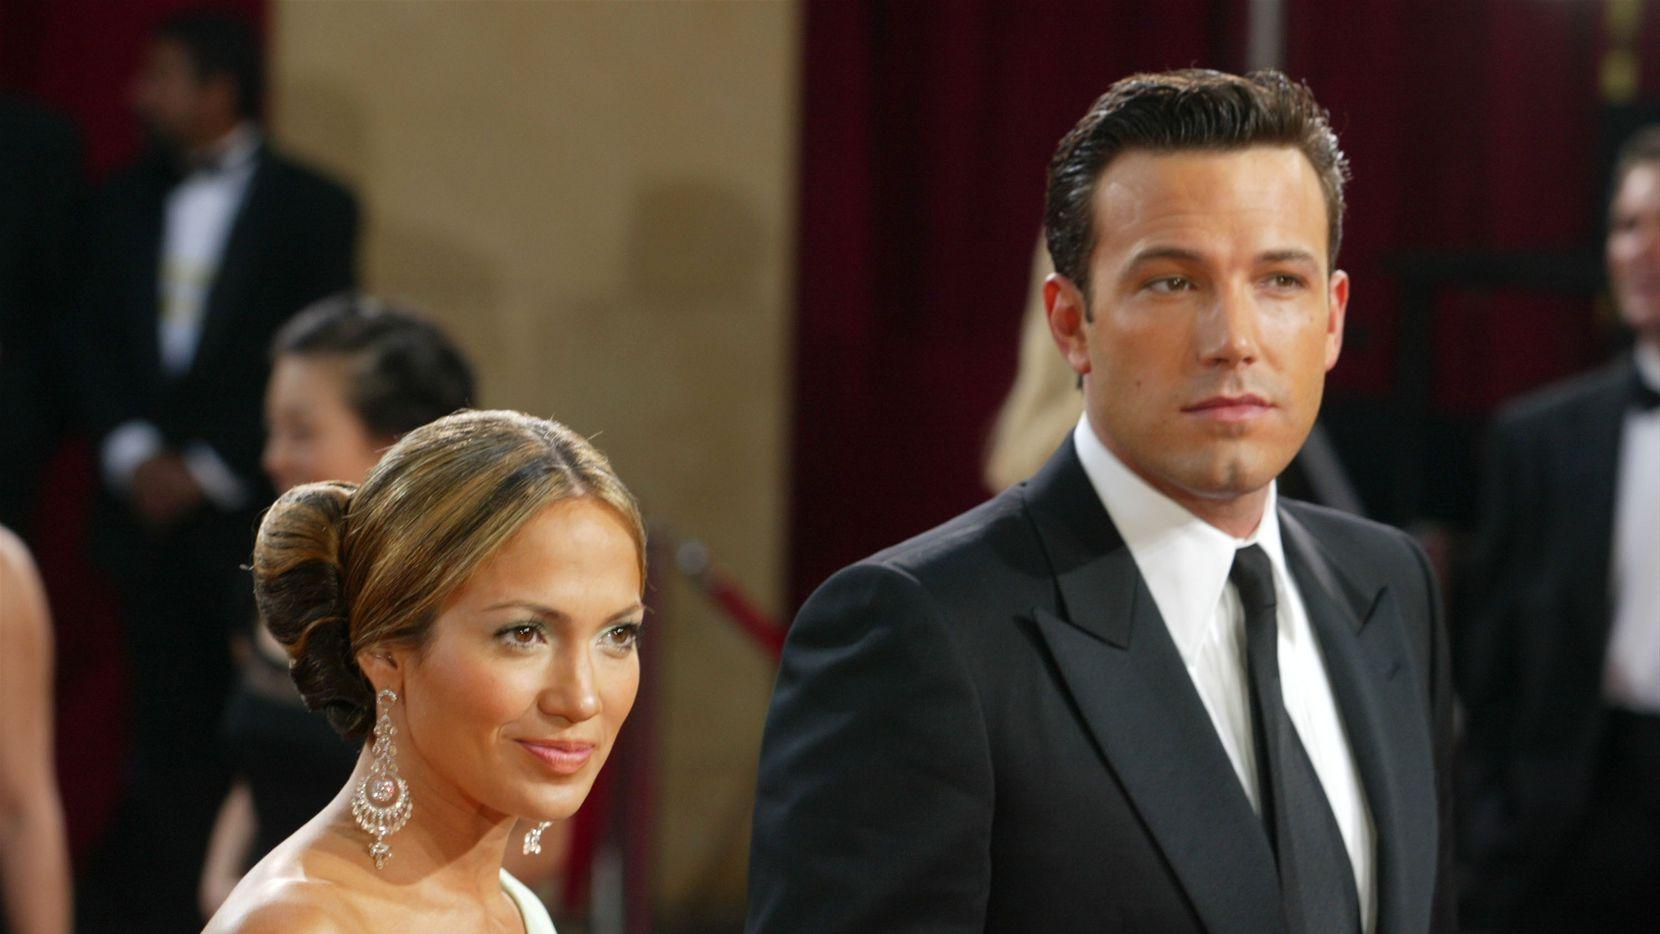 Jennifer Lopez y Ben Affleck en la entrega de los Oscar de 2003. Se sigue especulando sobre la relación actual de JLo y Affleck y aparecieron juntos en el video del cumpleaños de la también actriz Leaj Remini.